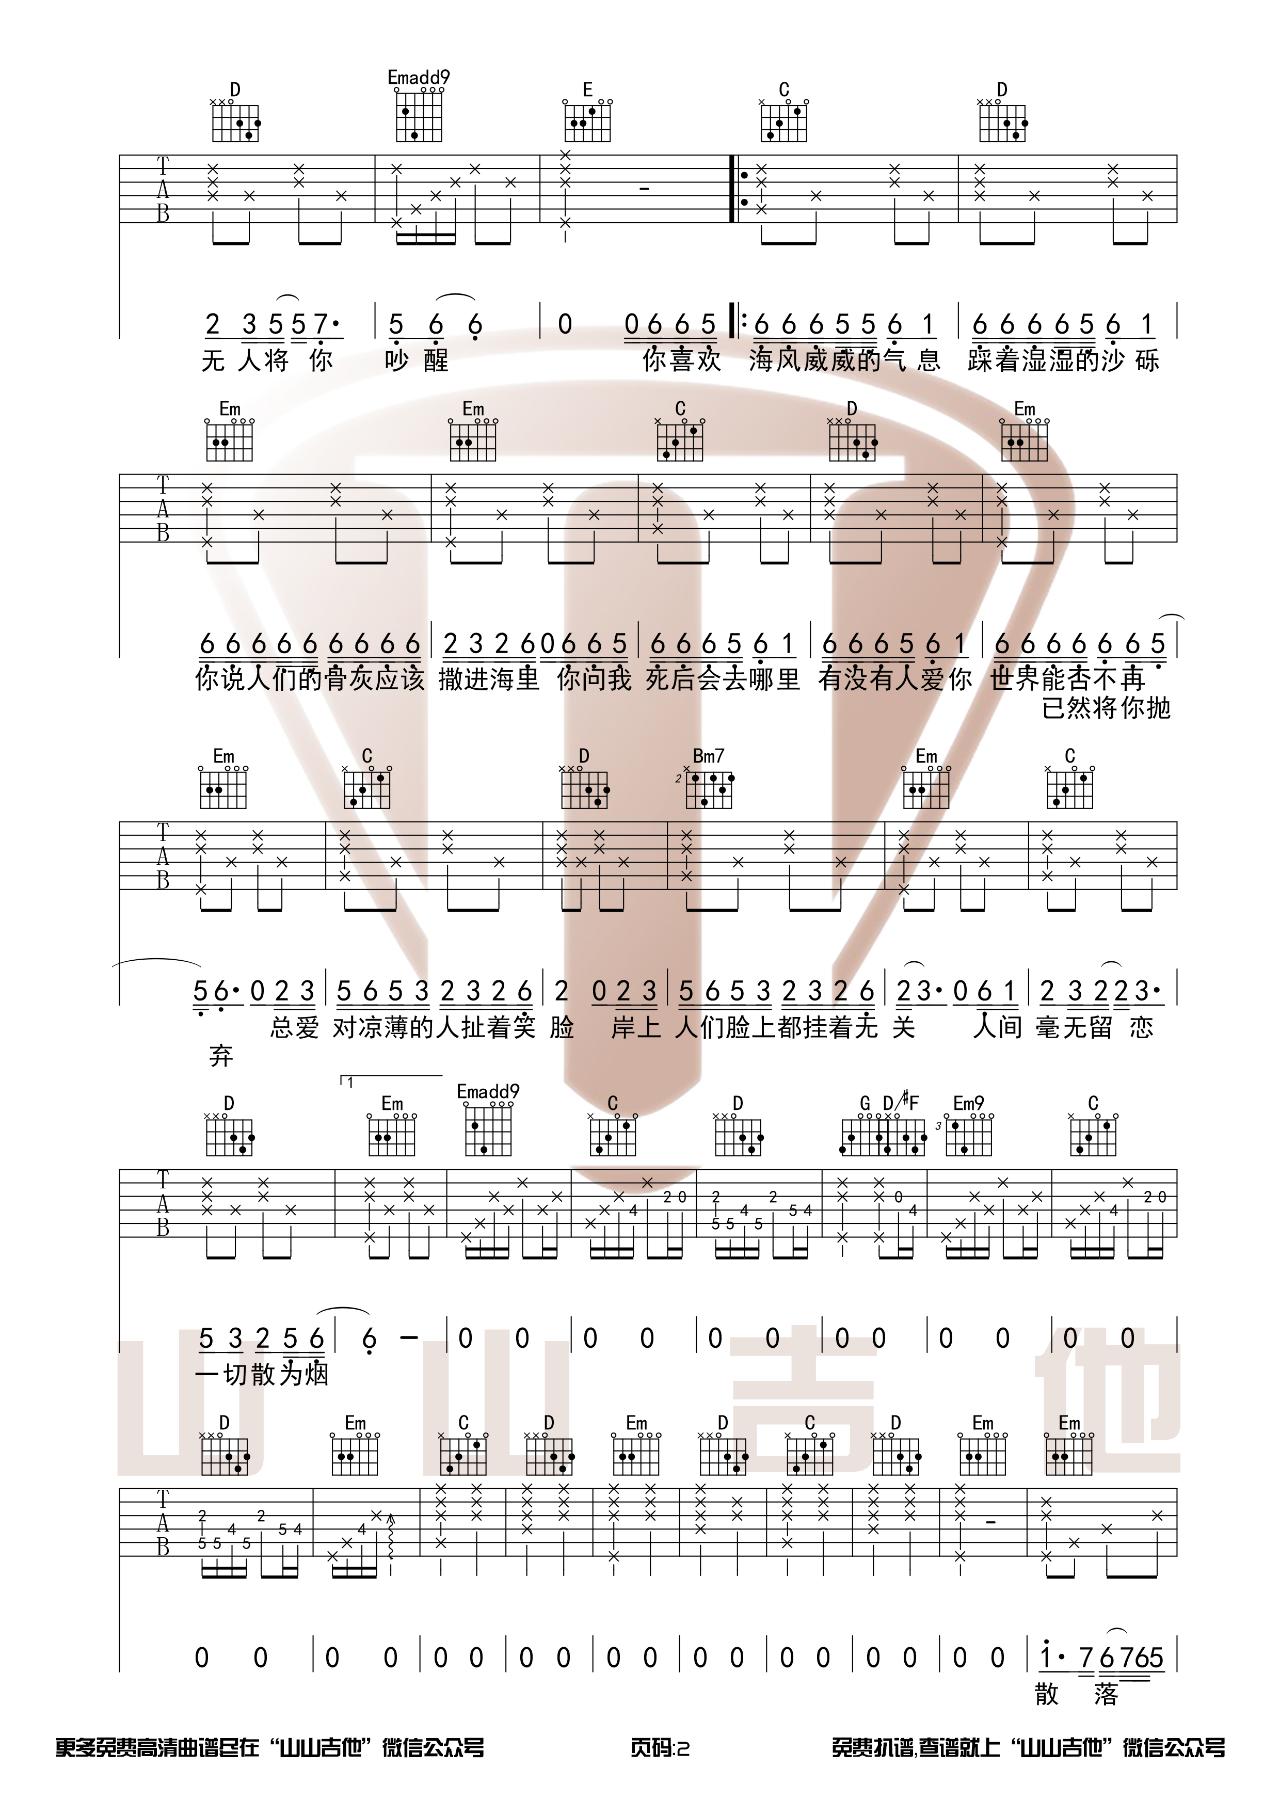 吉他派《海底》吉他谱-2